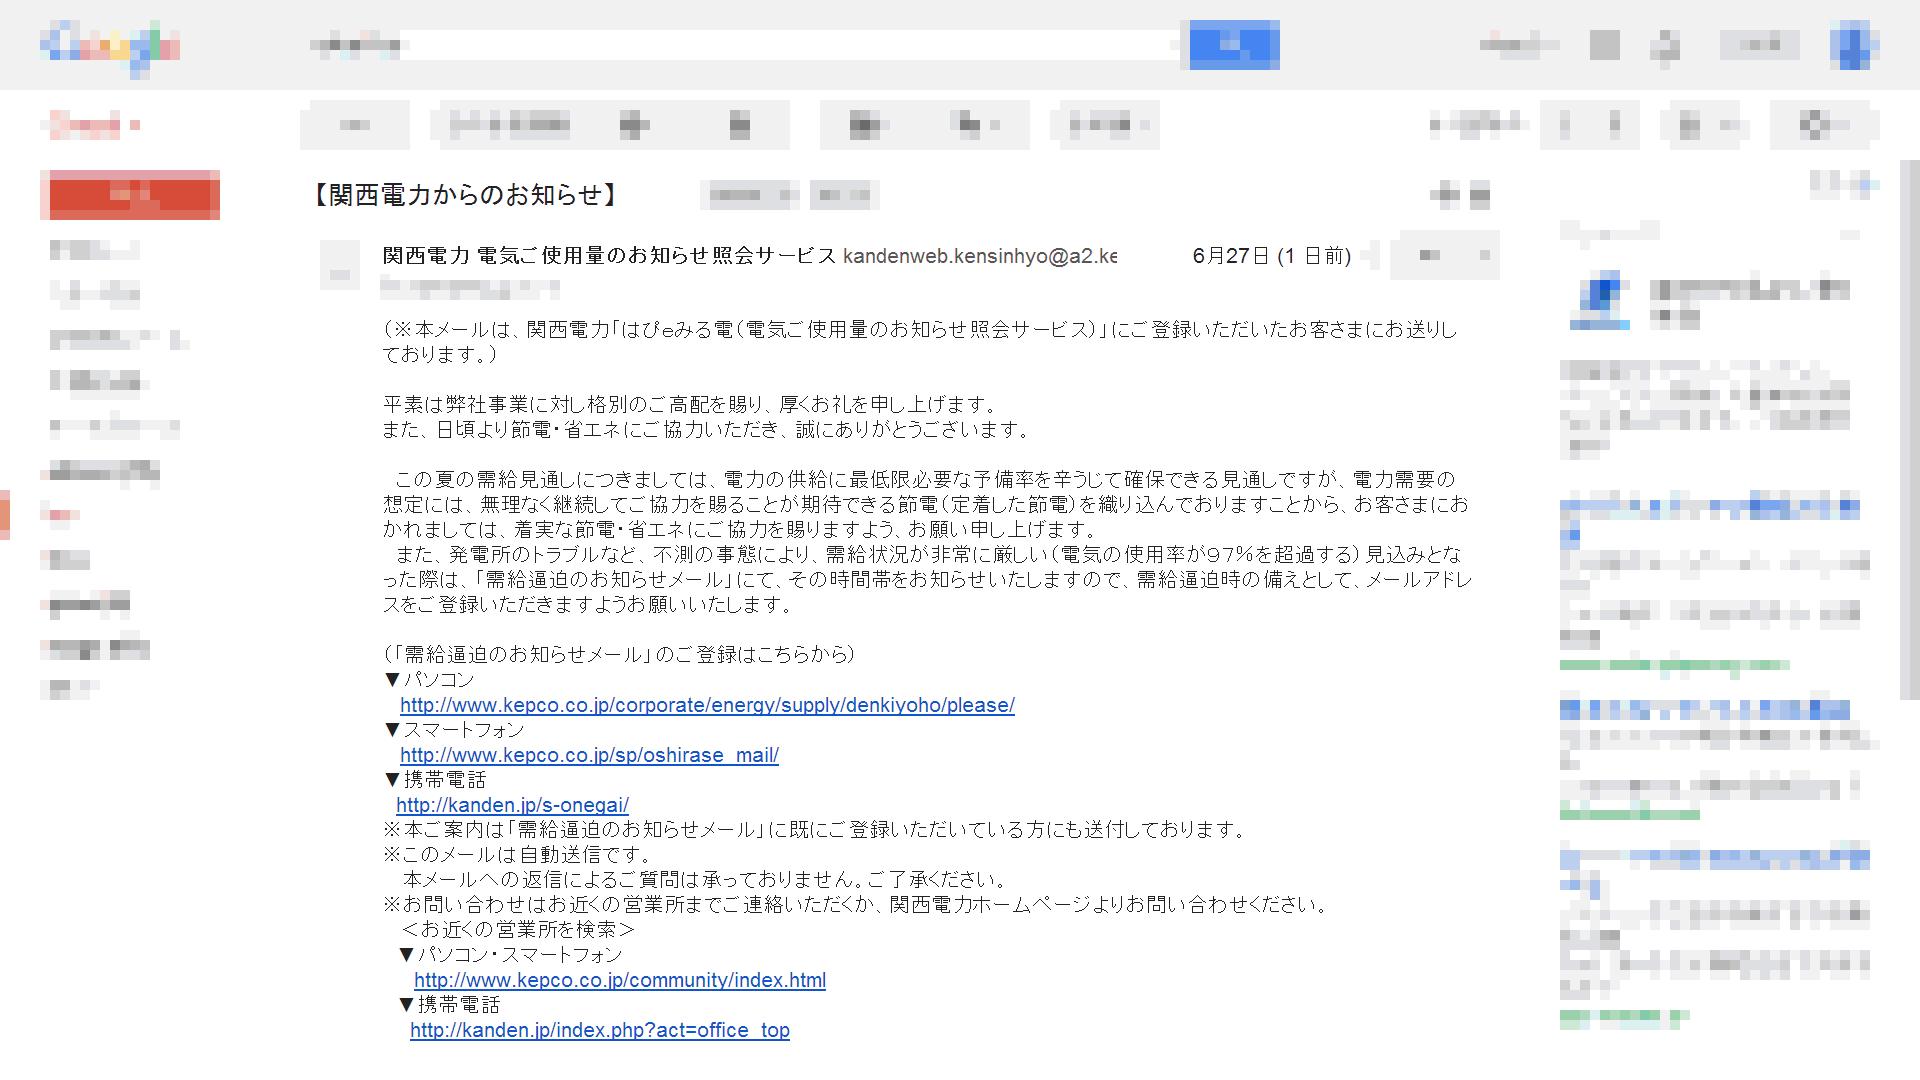 関西電力省エネ要請メール